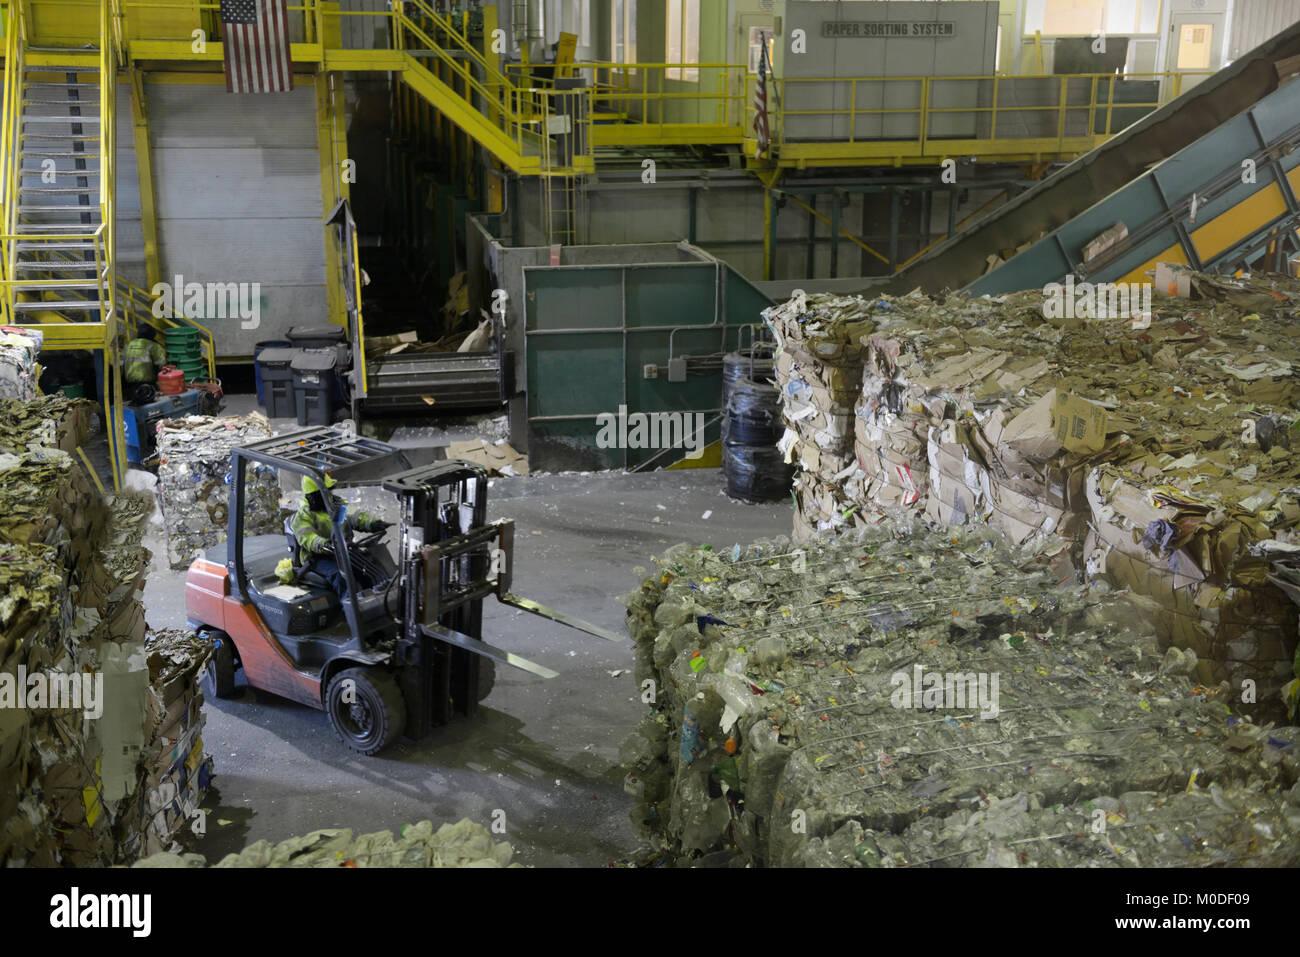 Centro de transferencia de reciclaje, Rockland County, NY Imagen De Stock